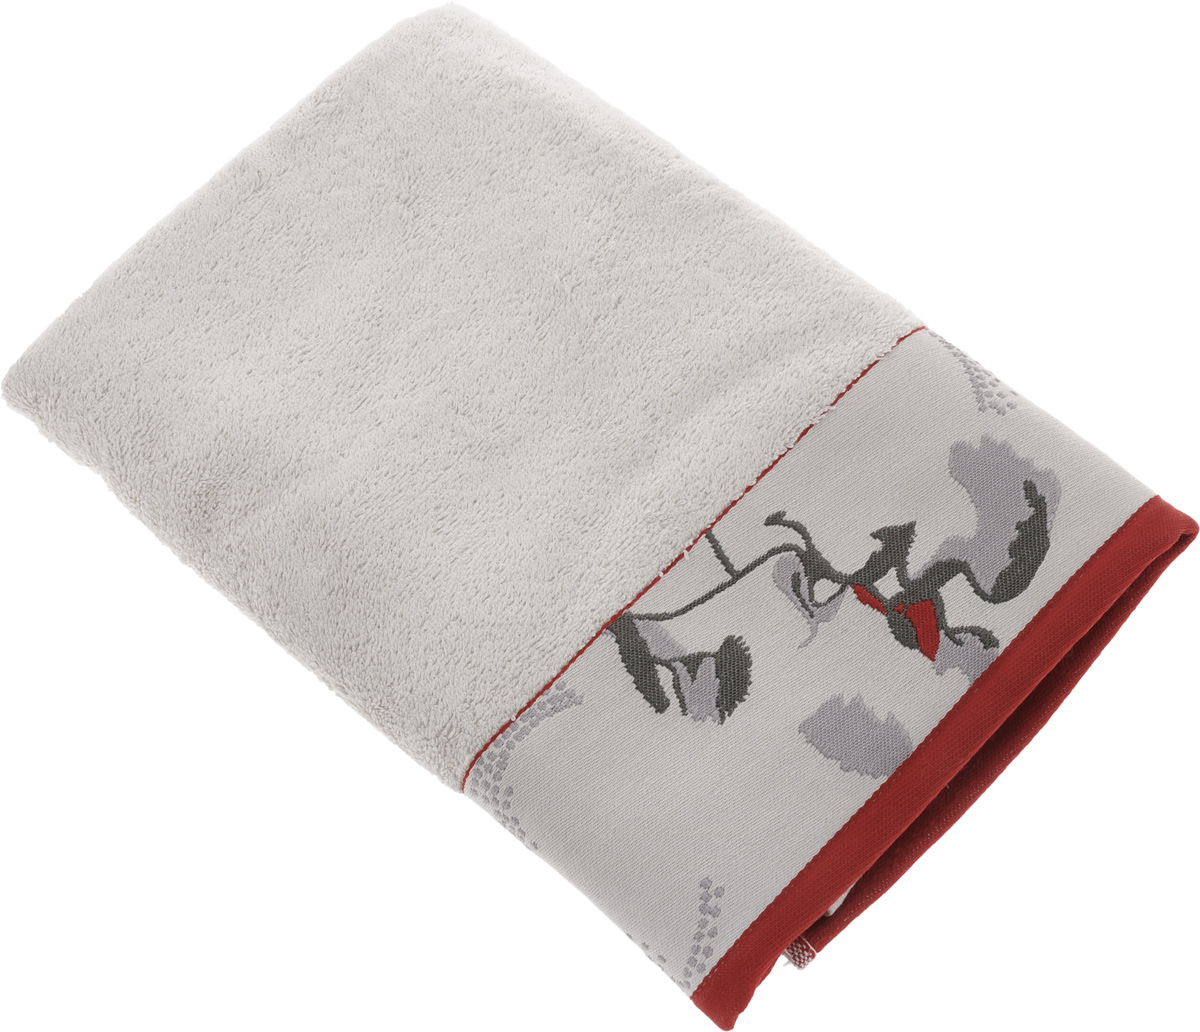 Полотенце Mona Liza Two, цвет: светло-серый, красный, 70 х 140 см529678/2Мягкое полотенце Two изготовлено из 30% хлопка и 70% бамбукового волокна. Полотенце Two с жаккардовым бордюром обладает высокой впитывающей способностью и сочетает в себе элегантную роскошь и практичность. Благодаря высокому качеству изготовления, полотенце будет радовать вас многие годы. Мотивы коллекции Mona Liza Premium bu Serg Look навеяны итальянскими фресками эпохи Ренессанса, периода удивительной гармонии в искусстве. В представленной коллекции для нанесения на ткань рисунка применяется многоцветная печать, метод реактивного крашения, который позволяет создать уникальную цветовую гамму, напоминающую старинные фрески. Этот метод также обеспечивает высокую устойчивость краски при стирке.